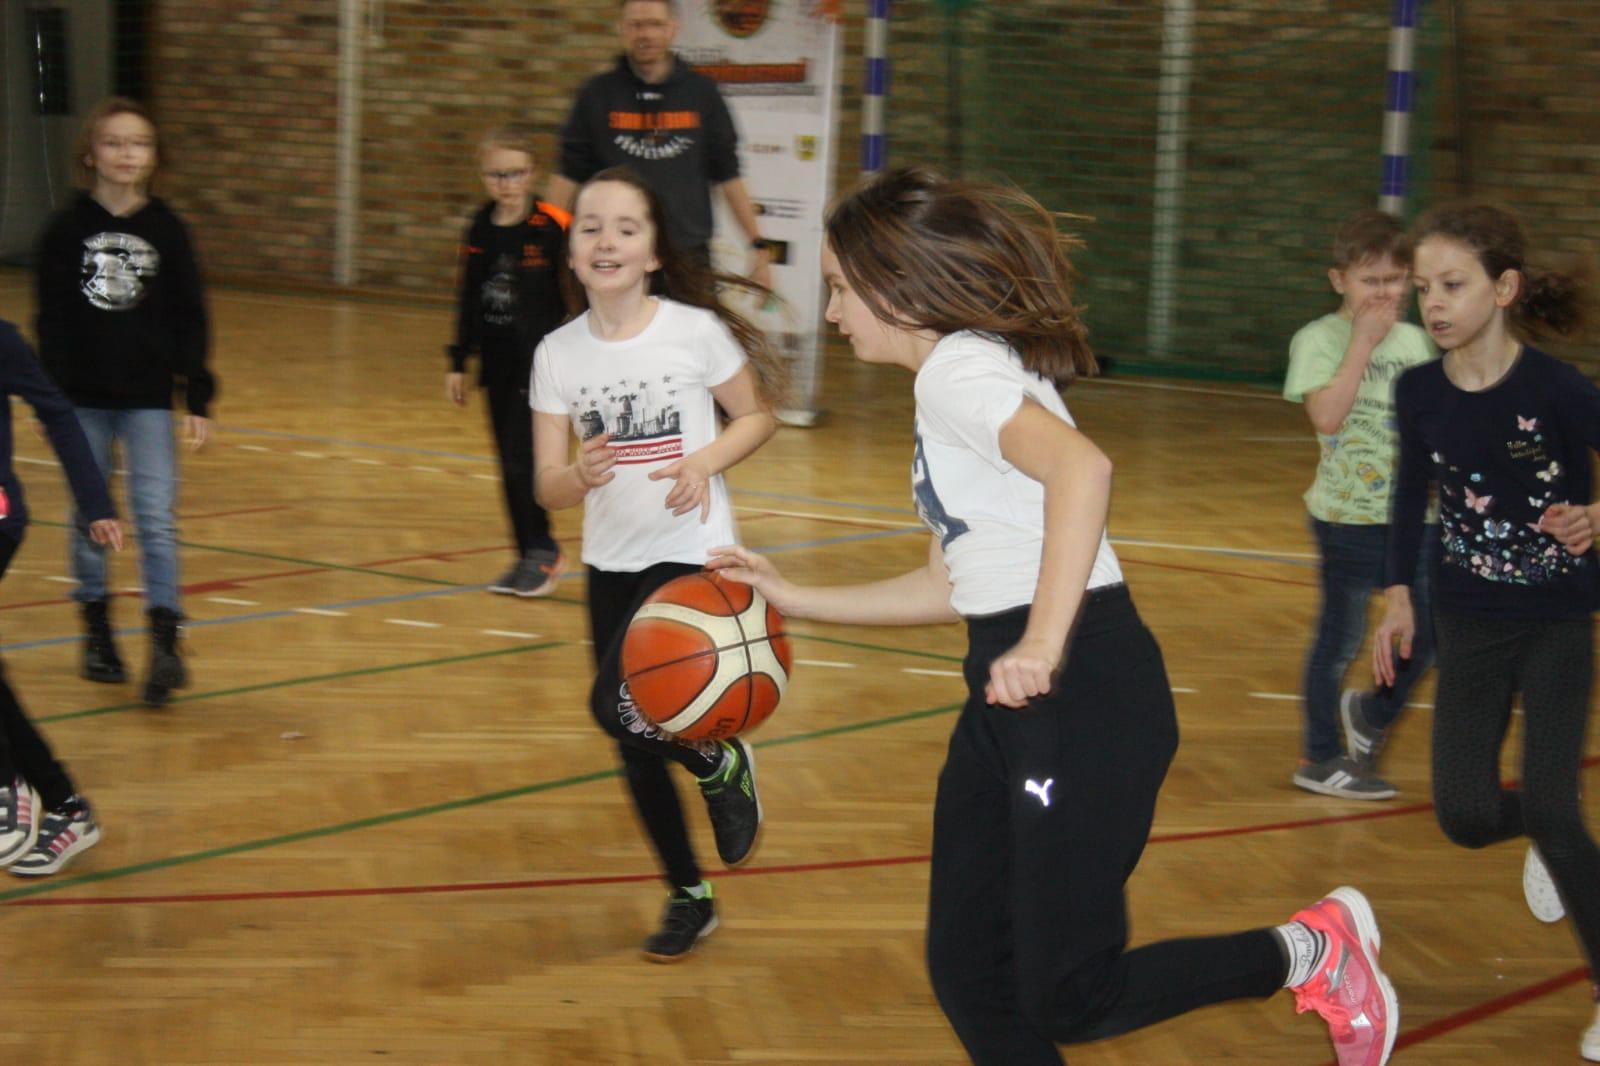 Koszykarskie zmagania najmłodszych (FOTO)